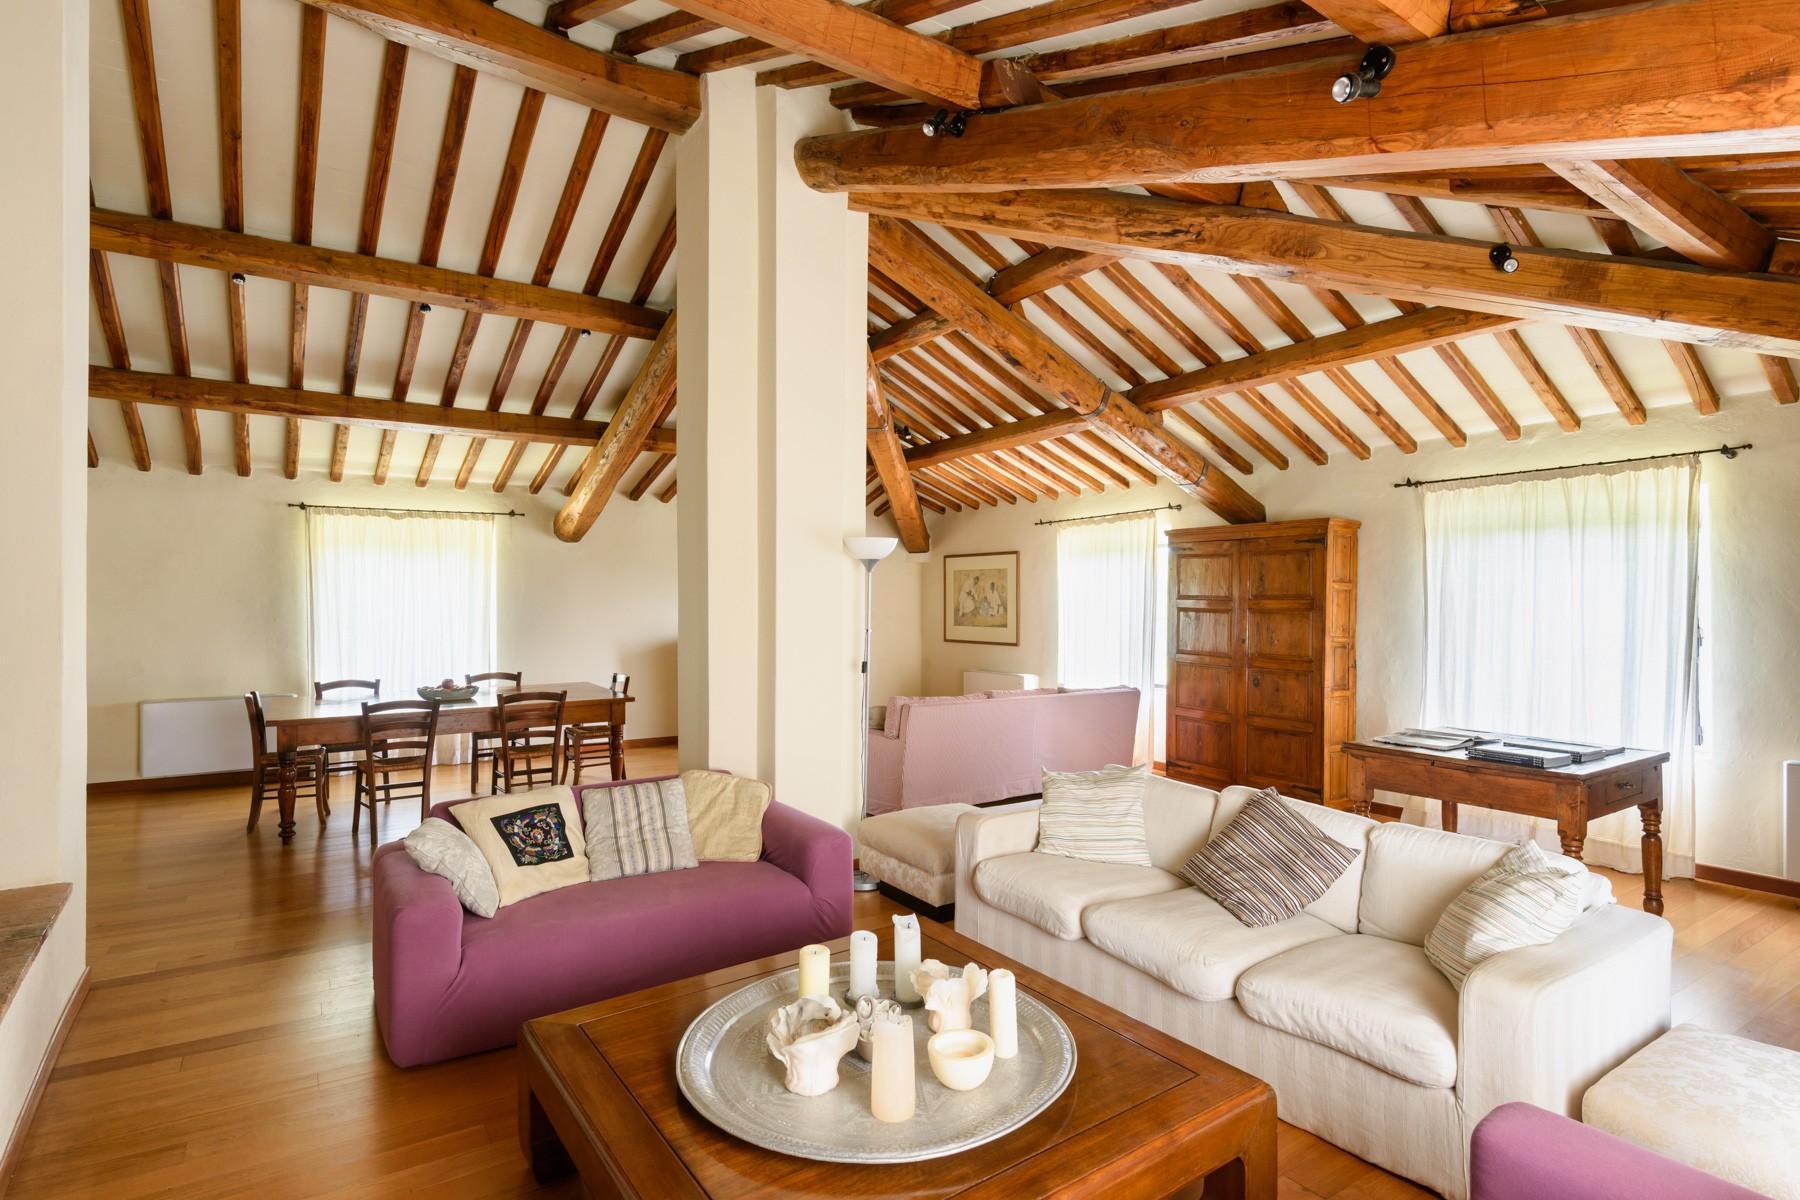 Magnificent property in Chianti Aretino - 13